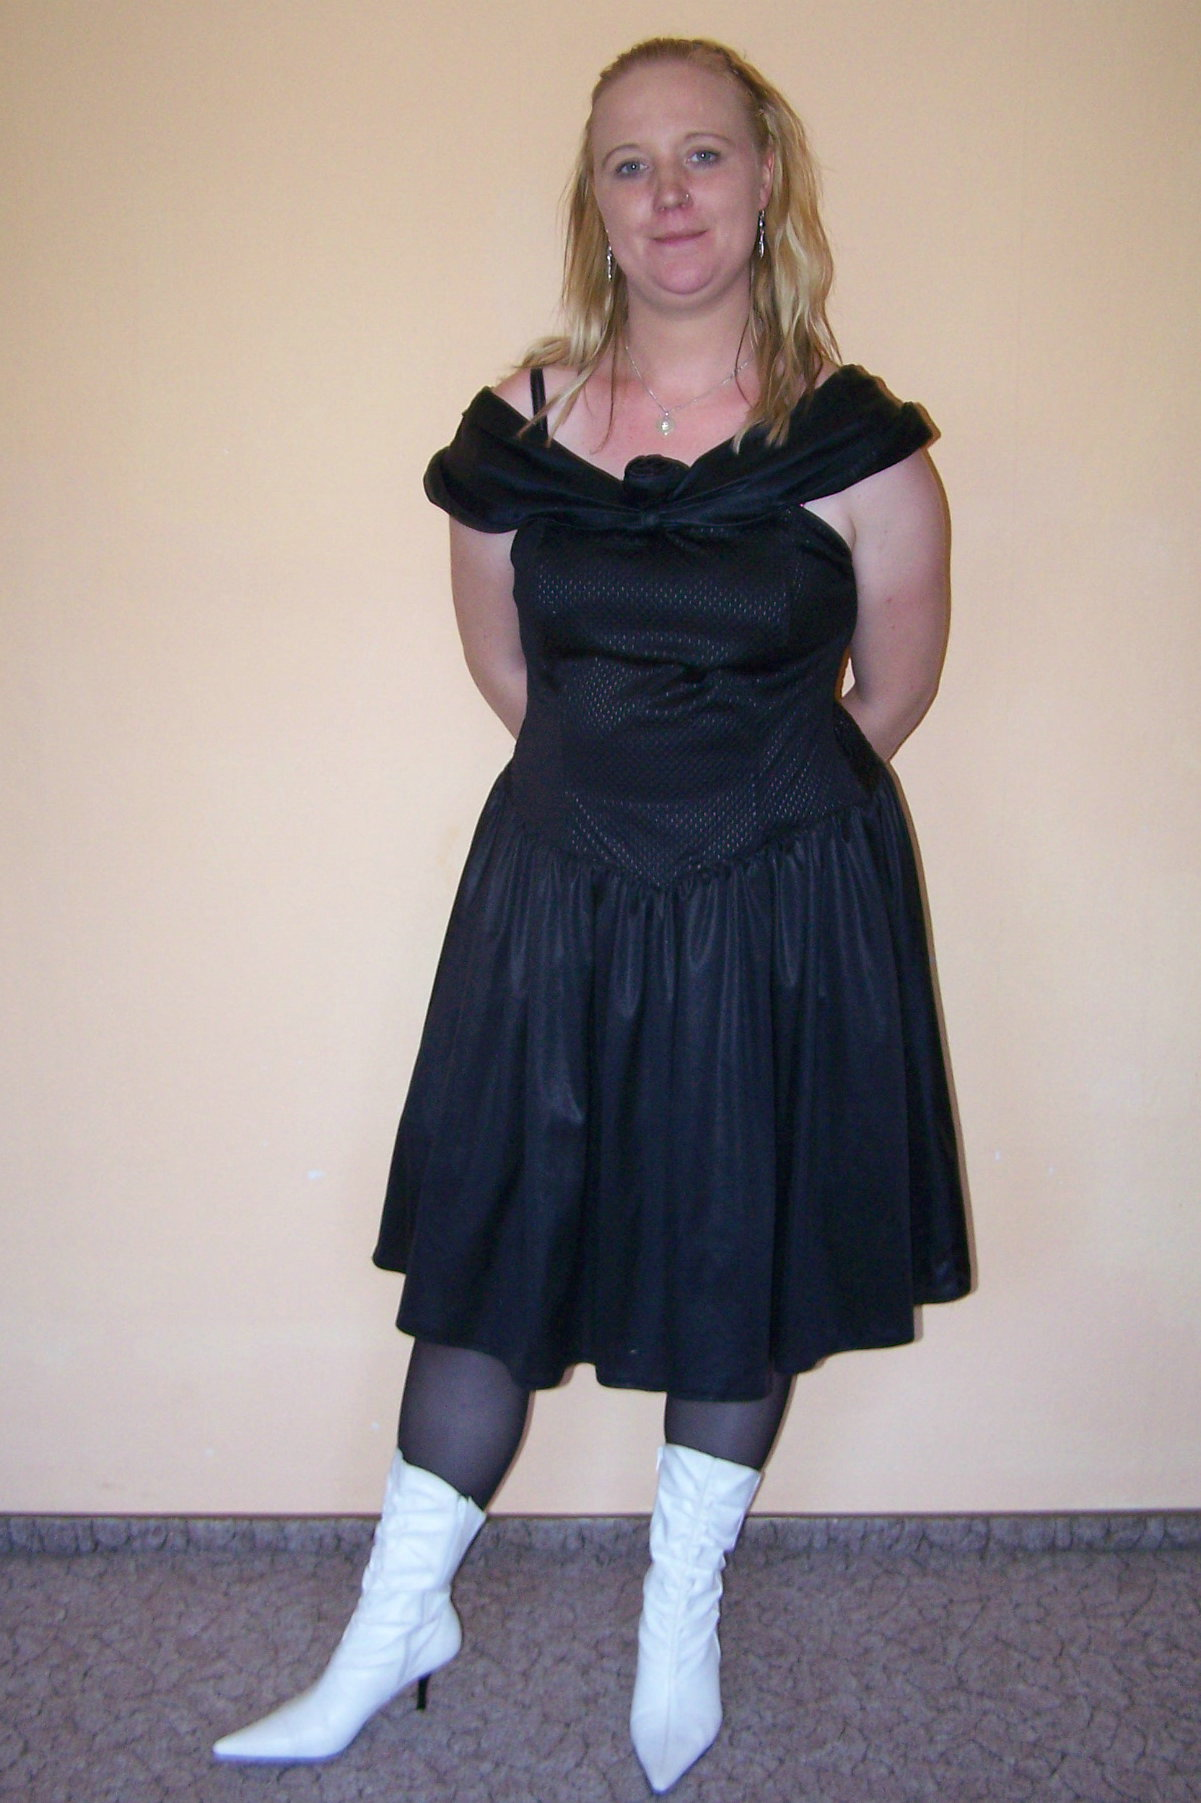 hogtied black: